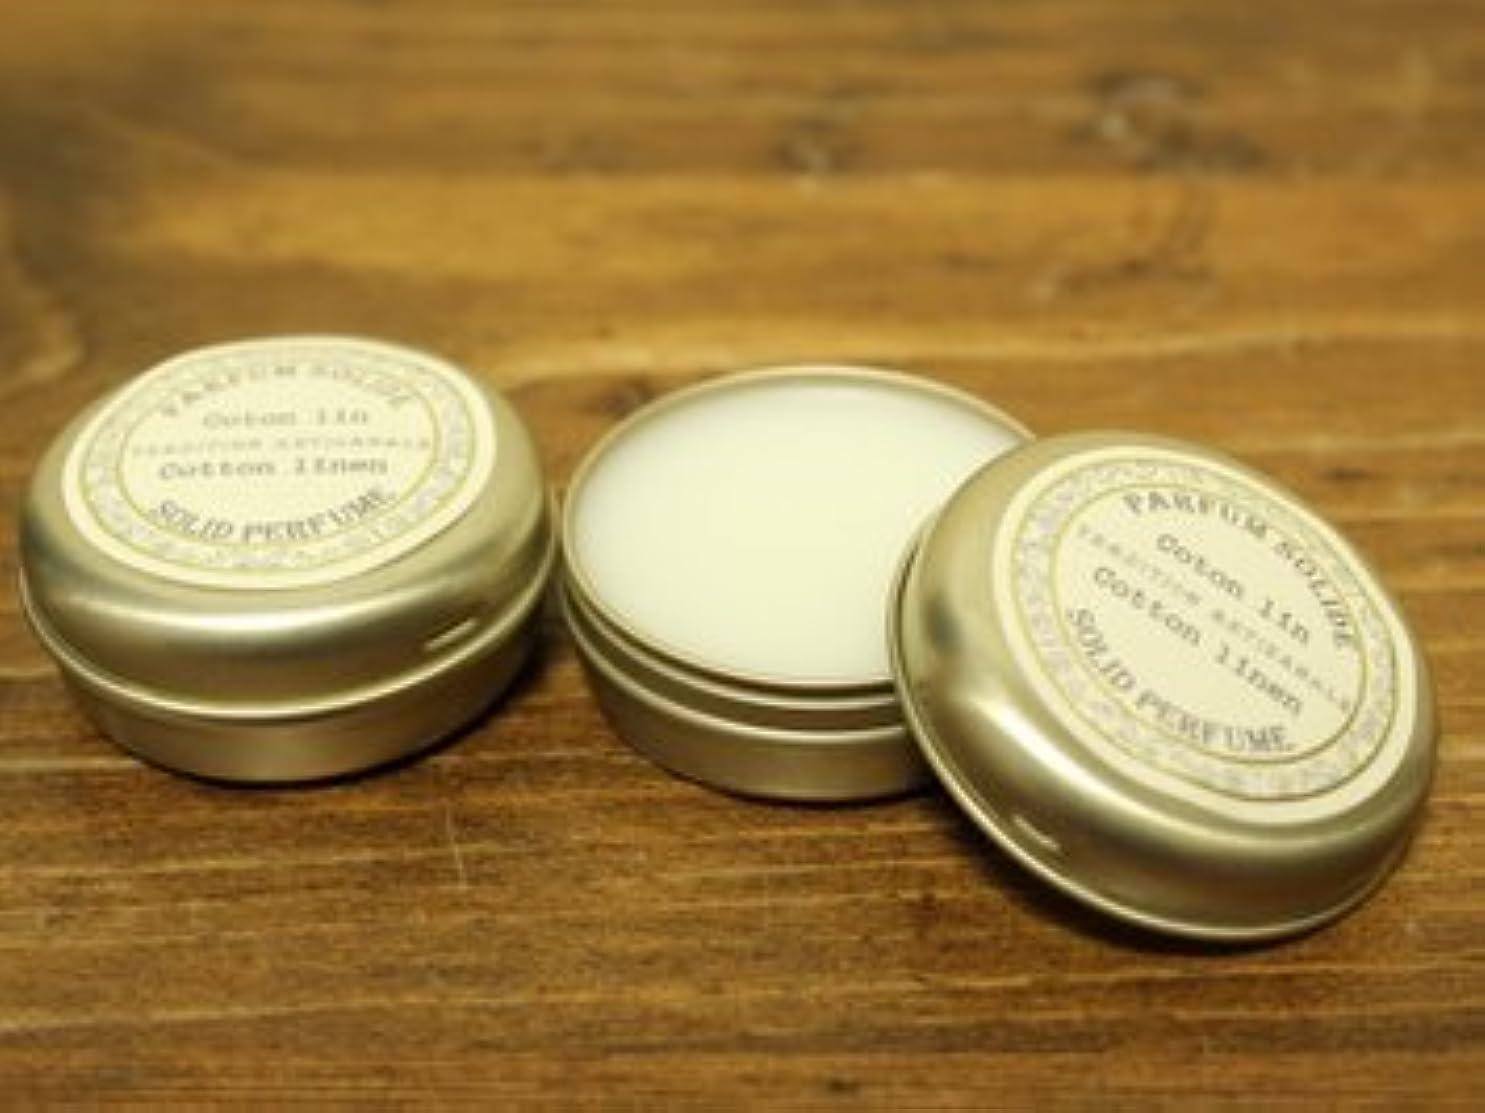 信条リマーク長さSenteur et Beaute(サンタールエボーテ) フレンチクラシックシリーズ 練り香水 10g 「コットンリネン」 4994228023056